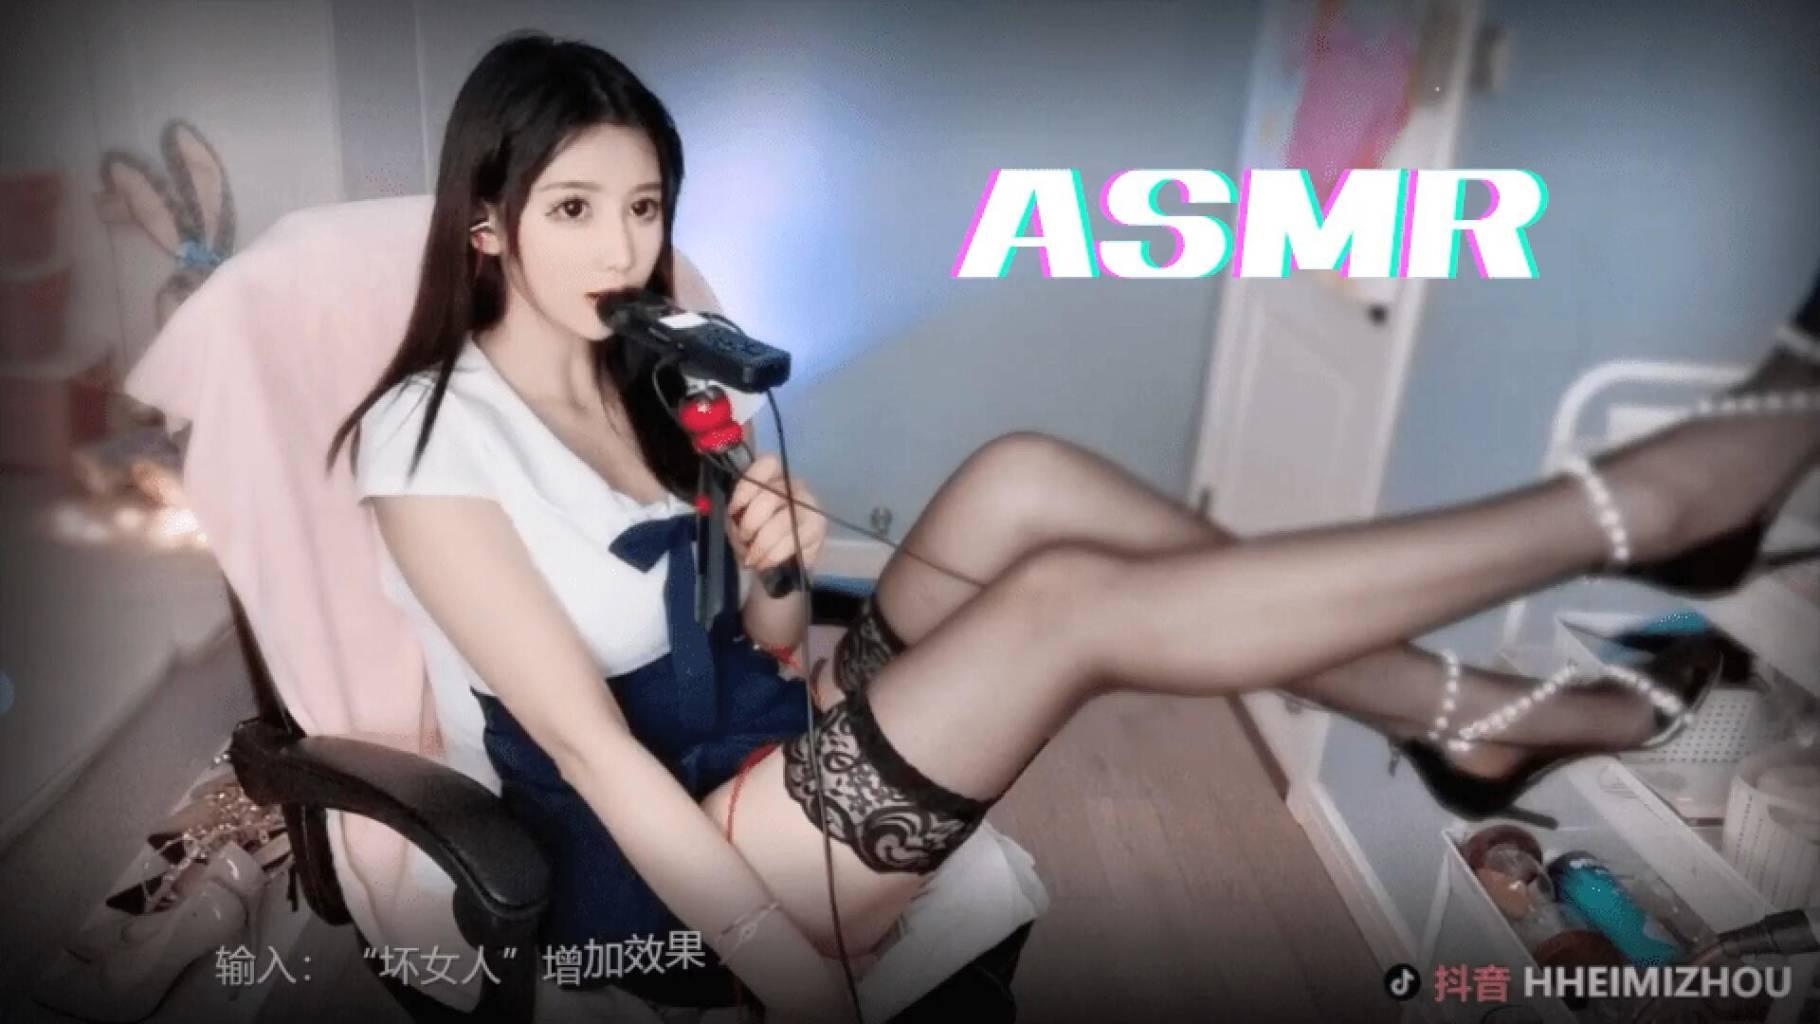 【黑米粥ASMR】六月跳跳糖口腔音环绕音效